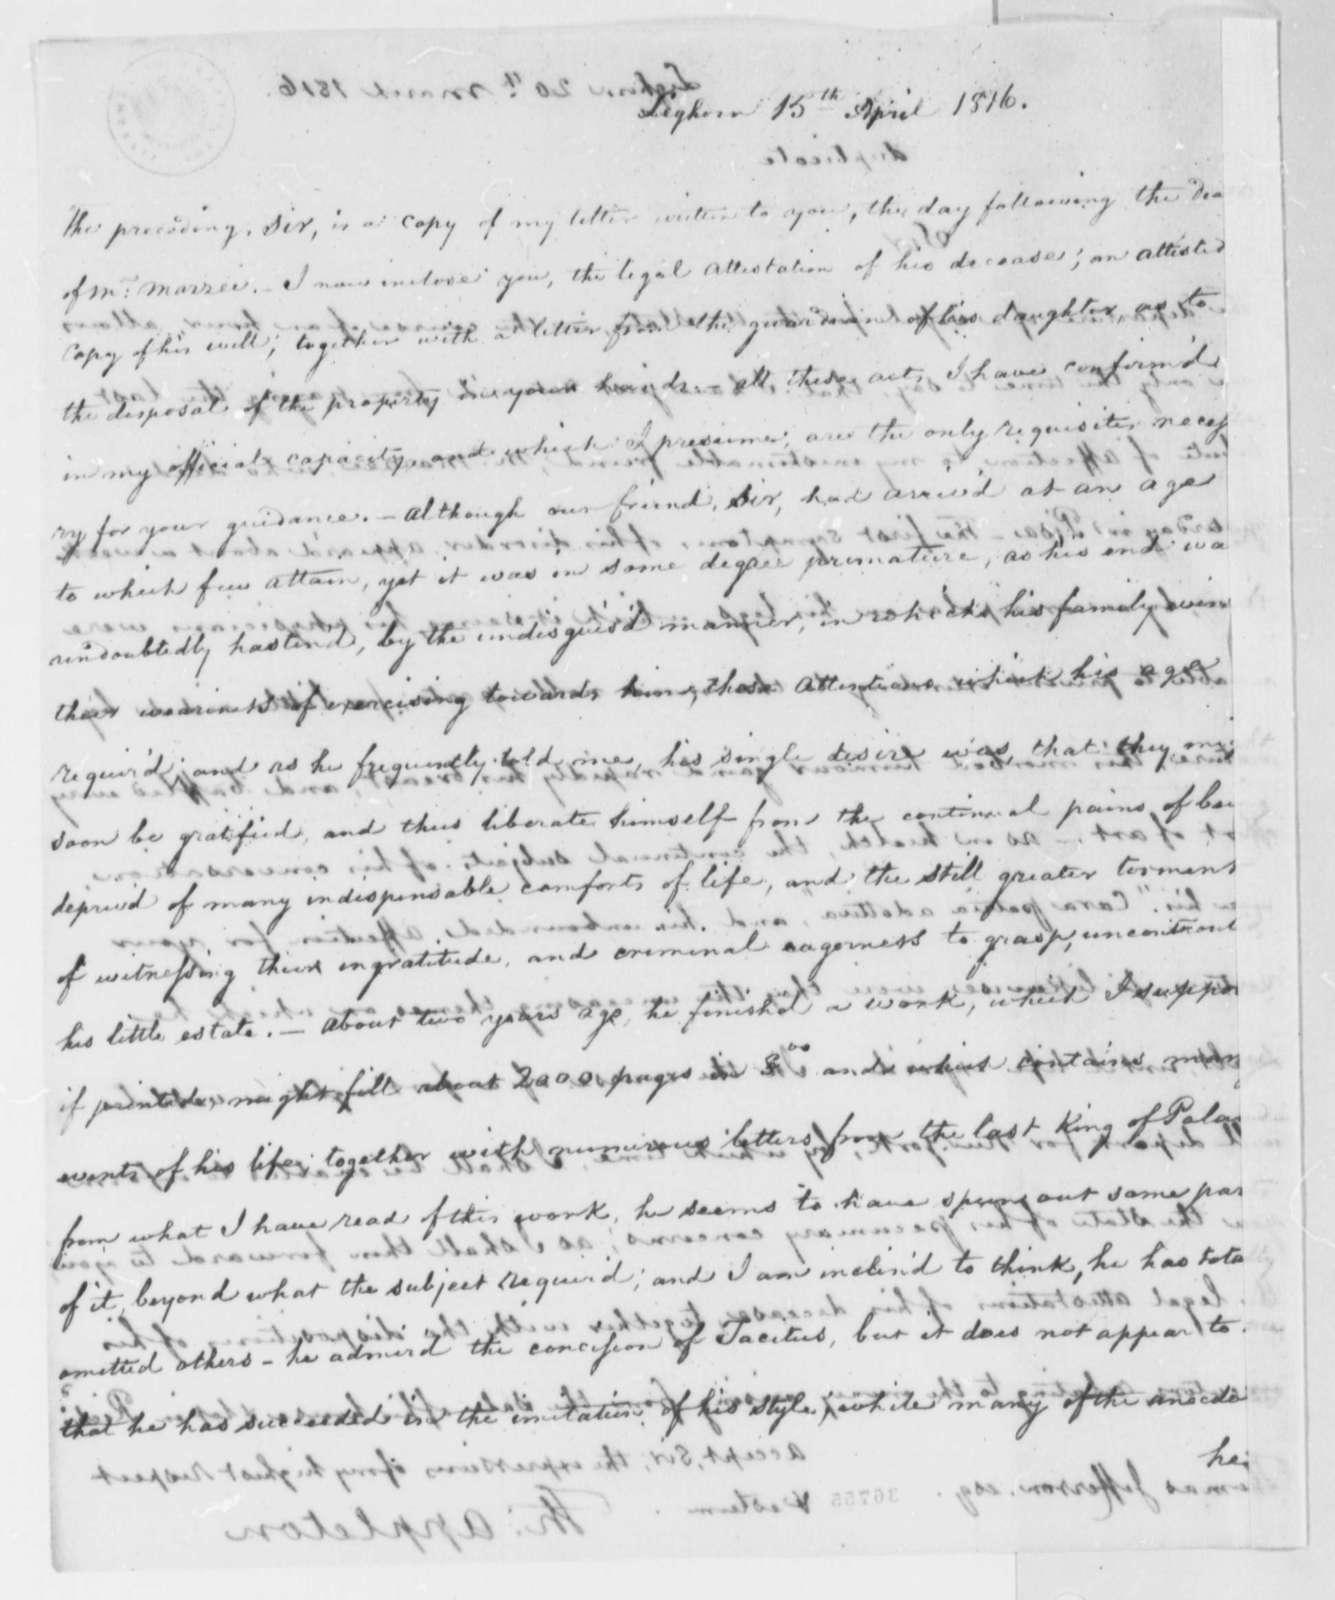 Thomas Appleton to Thomas Jefferson, April 15, 1816